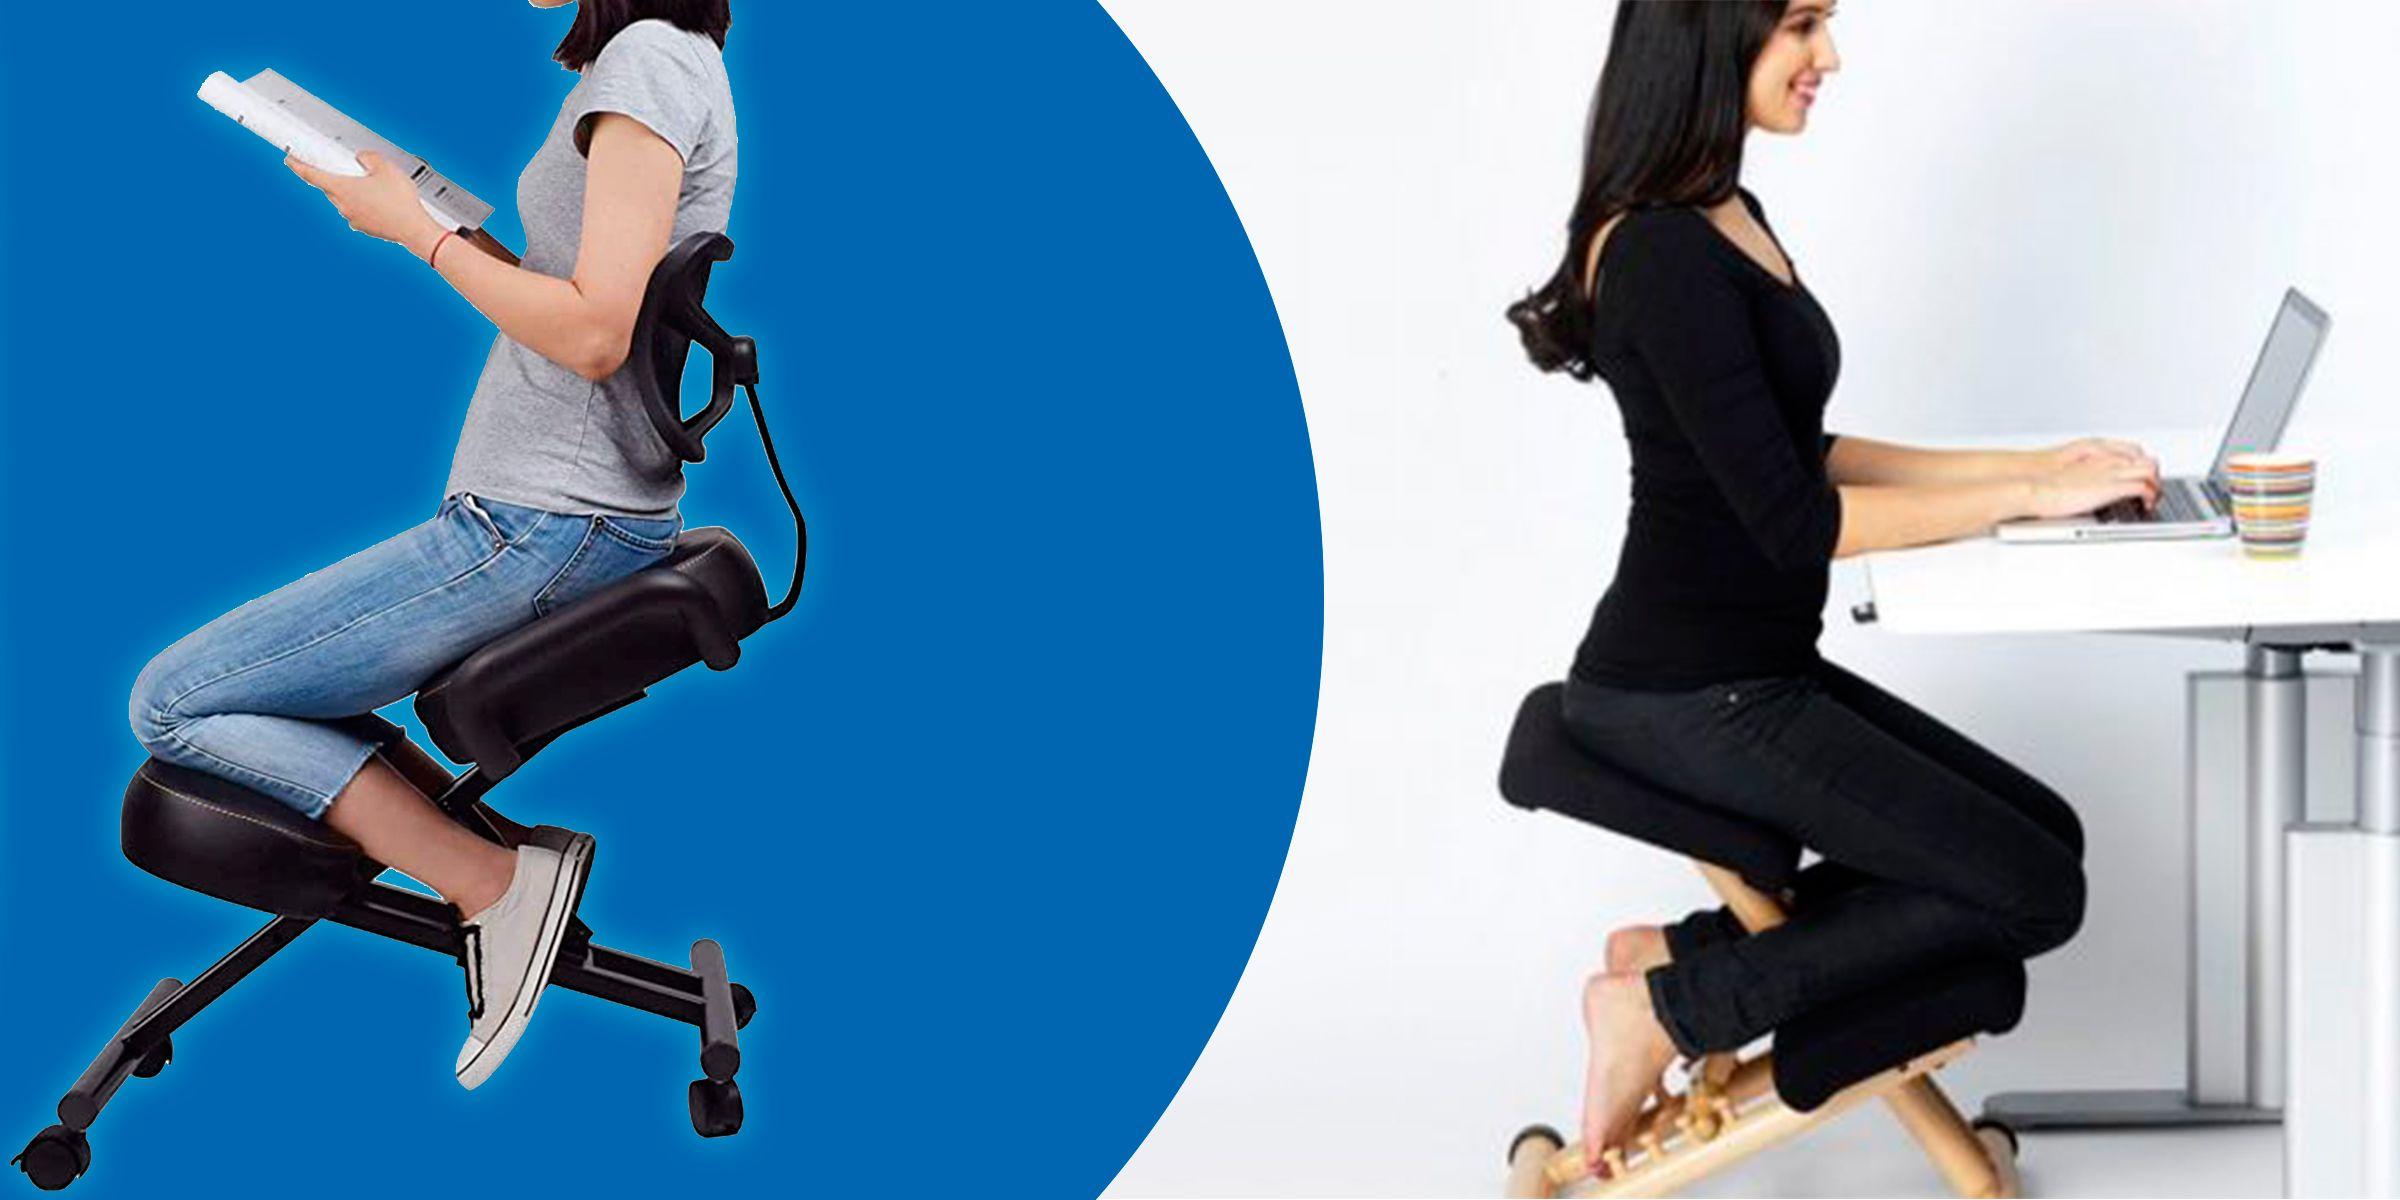 las mejores sillas con respaldo ergonomico de 2020